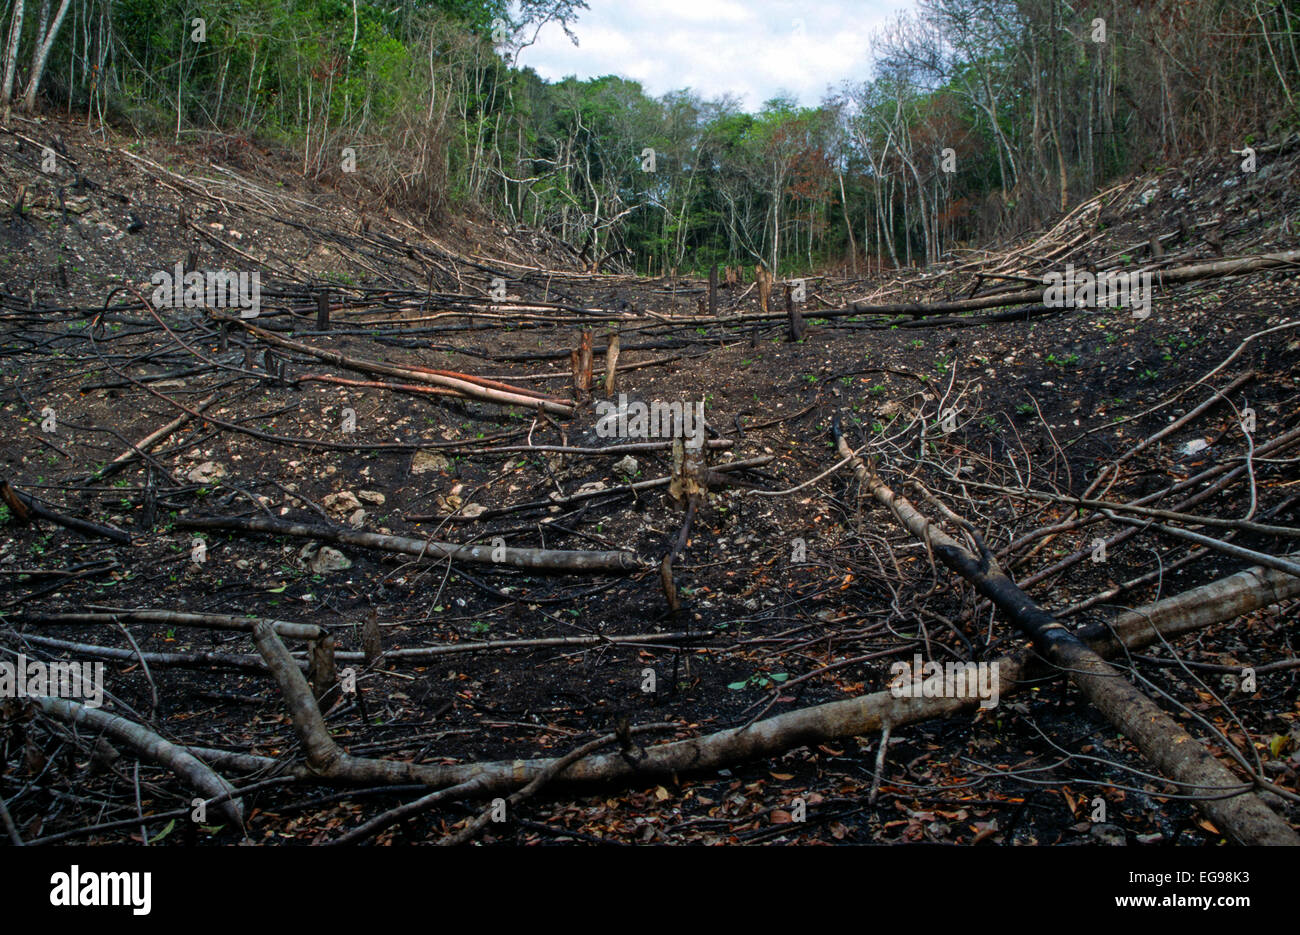 La rotación de cultivos (tala y quema) campo recién convertidas de bosques tropicales en tierras agrícolas Imagen De Stock